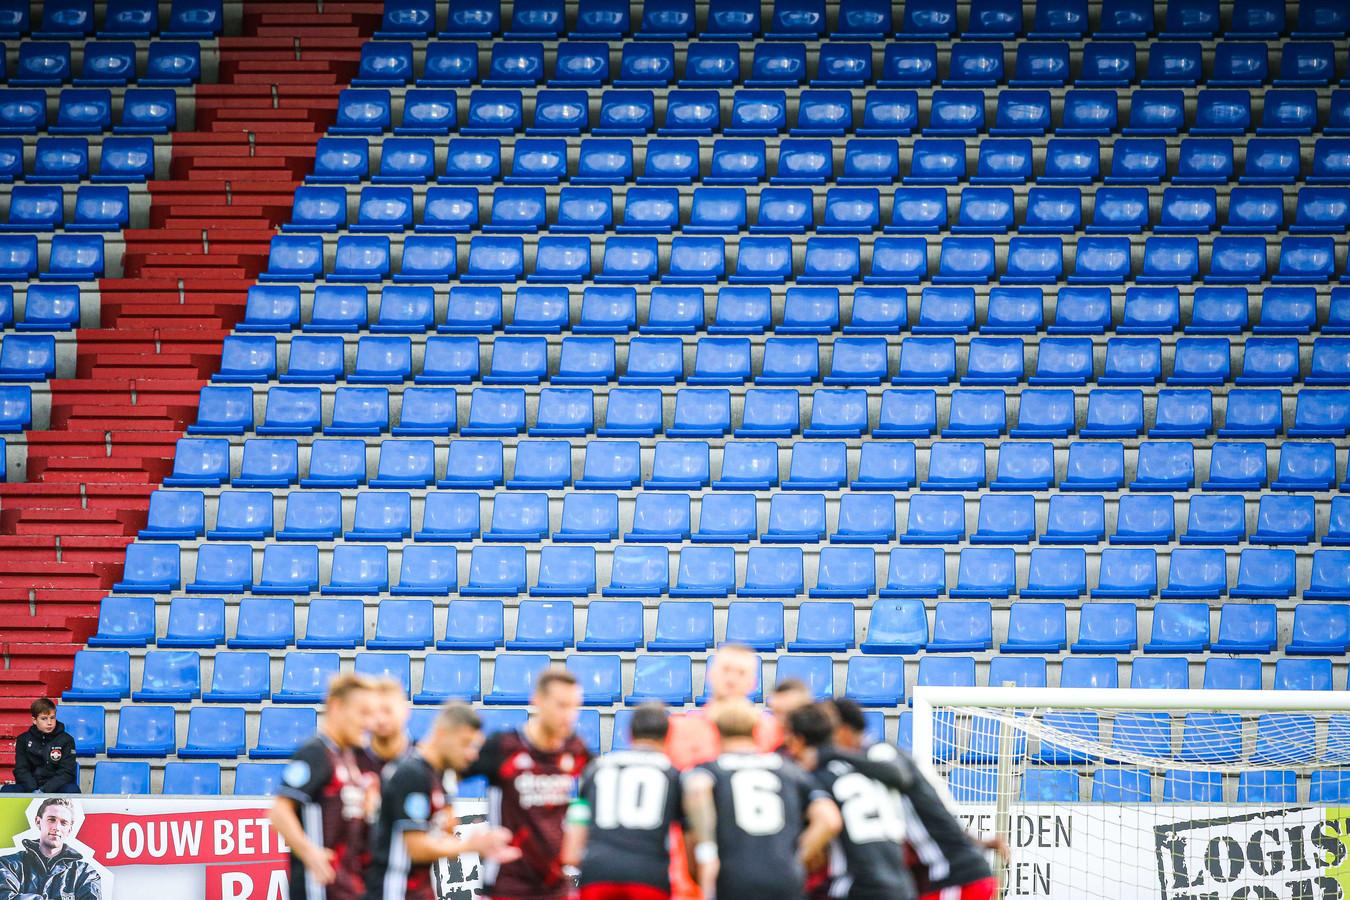 Lege tribunes bij Willem II. Tegen RKC Waalwijk waren er eindelijk weer fans welkom in het stadion.